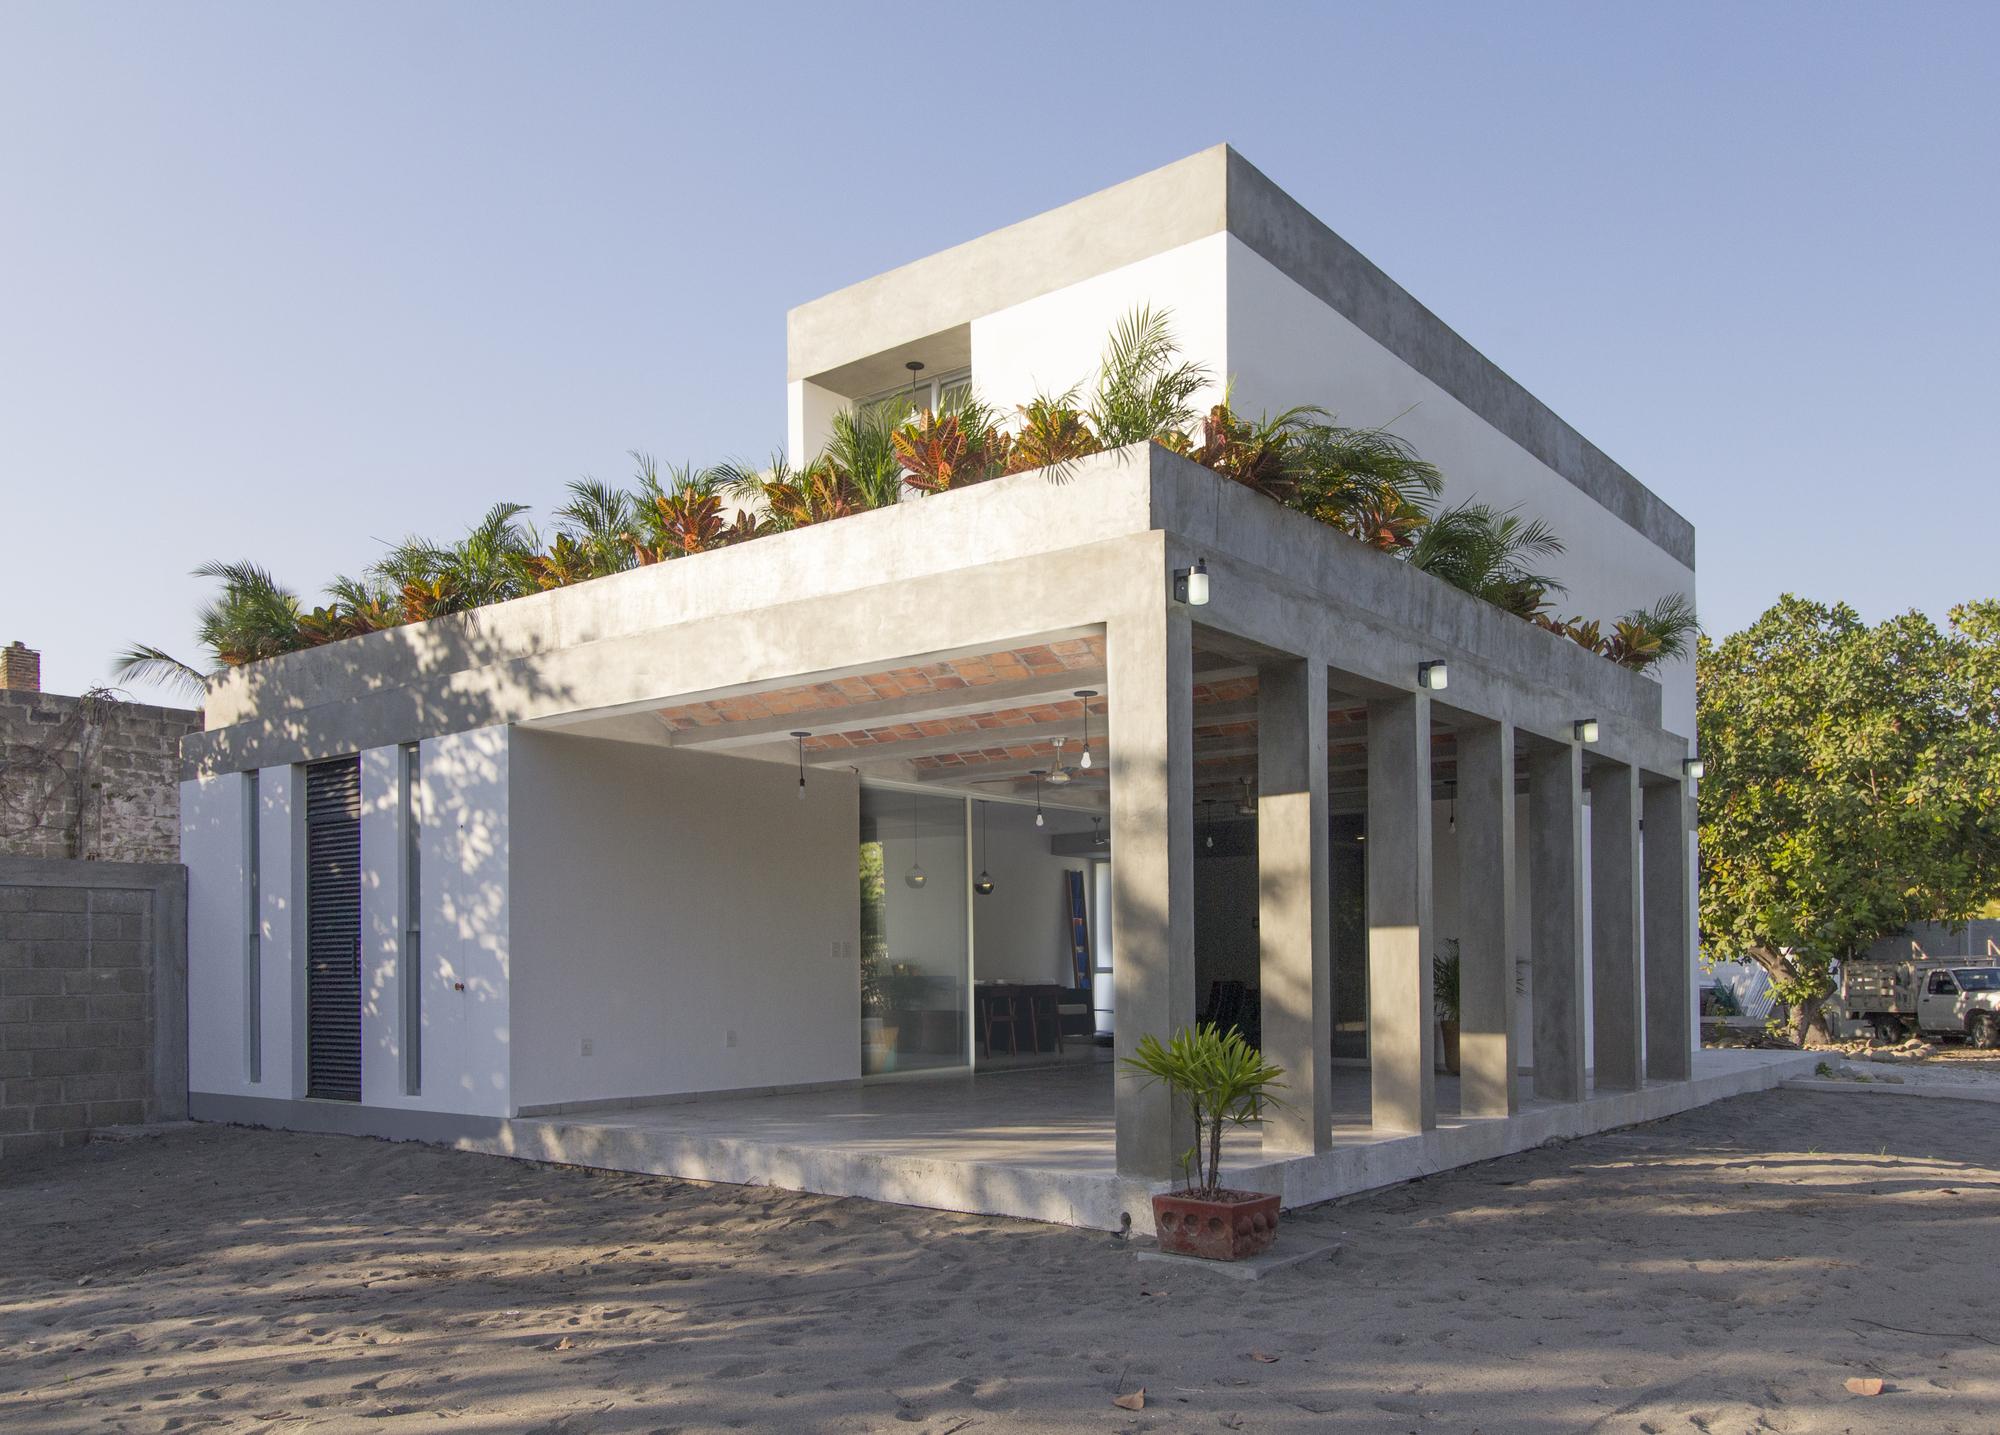 Casa MIDA / Apaloosa Estudio de Arquitectura y Diseño